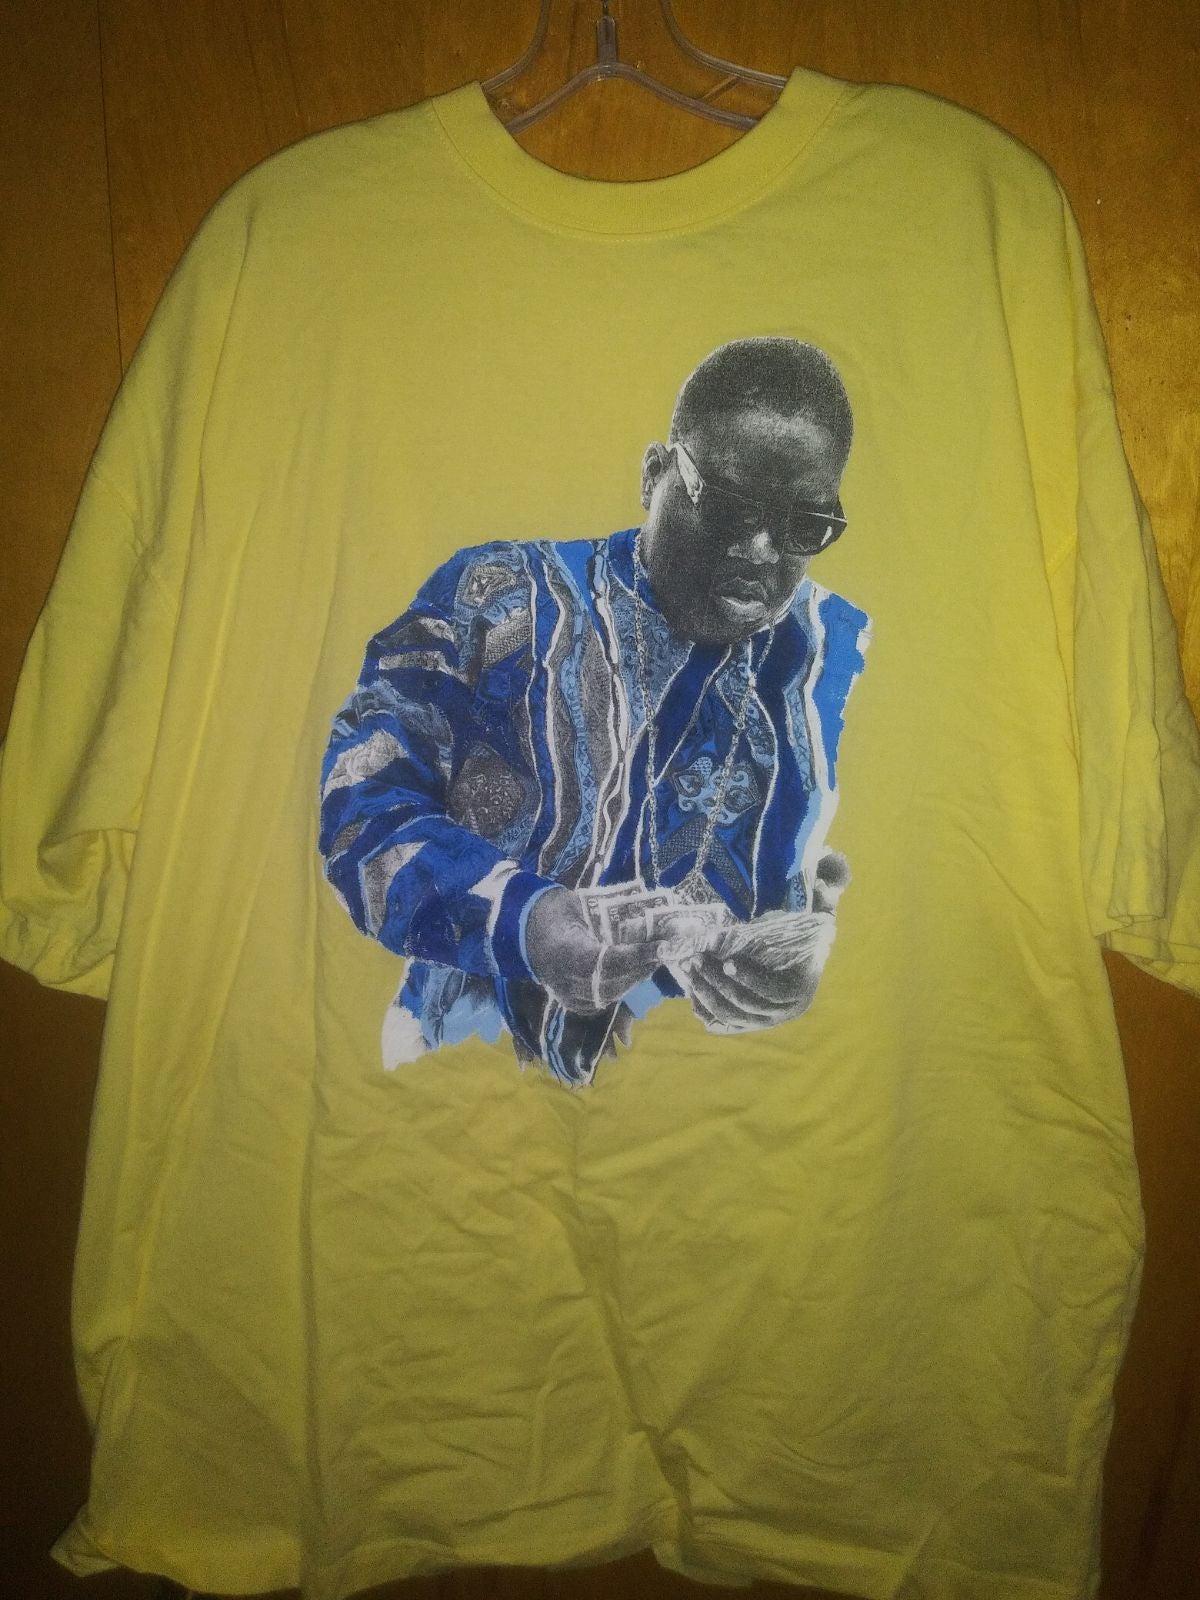 Shirt notorious big